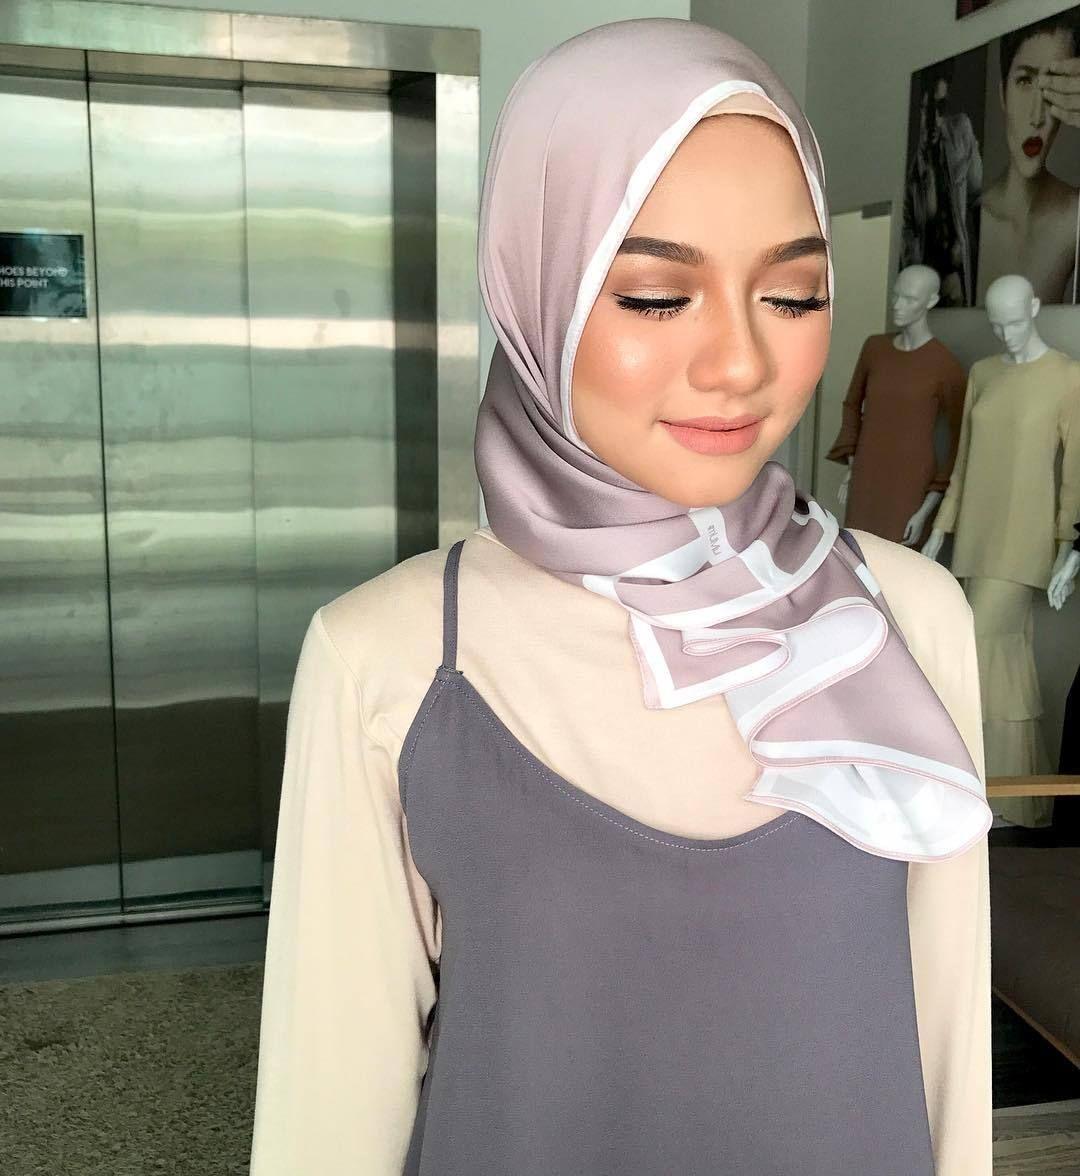 Pakaian, Hijab, Kecantikan